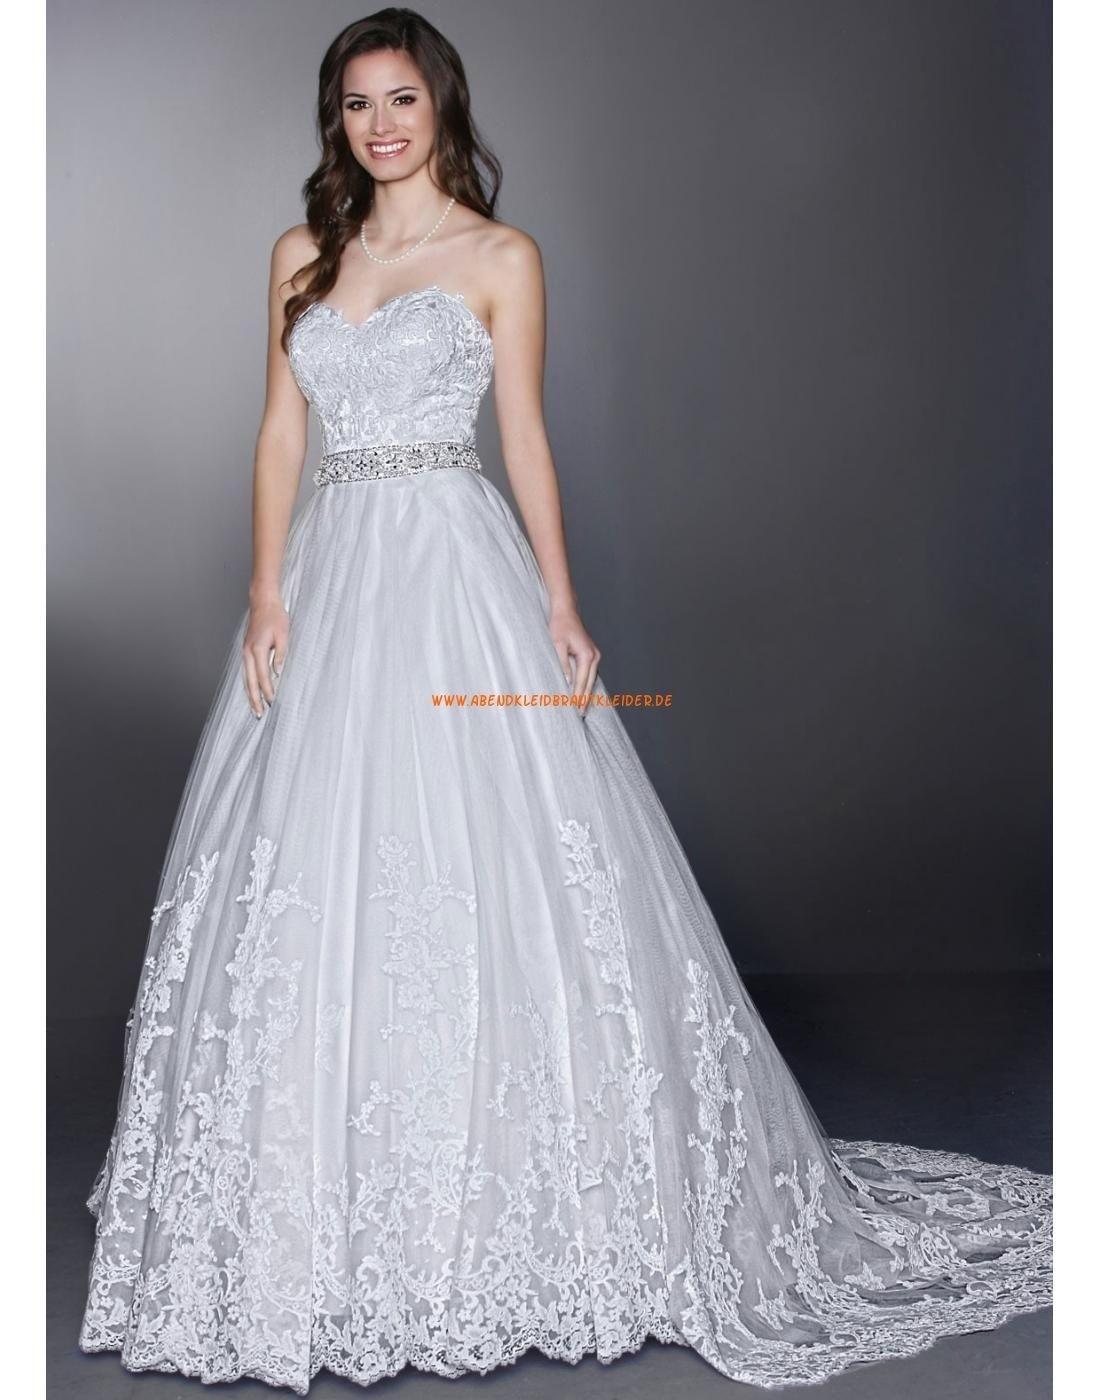 10 Luxurius Traumhafte Abendkleider Bester Preis15 Spektakulär Traumhafte Abendkleider Stylish